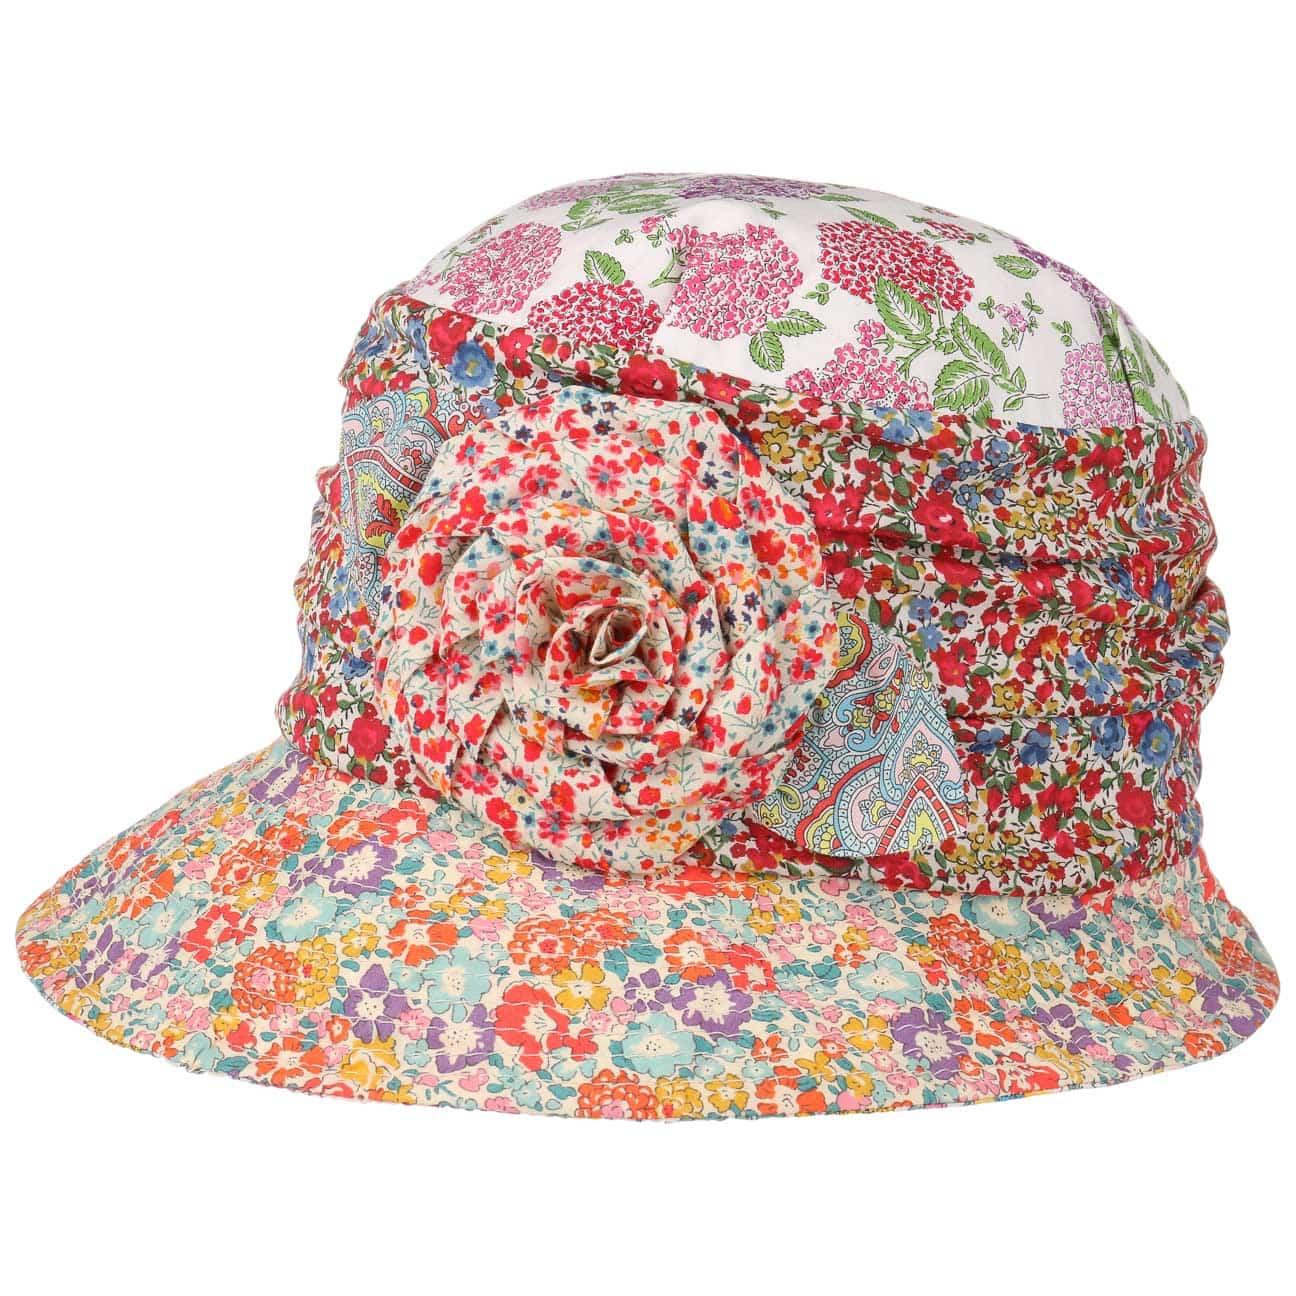 Sombrero Cloch? Flower Patchwork by GREVI  sombrero de verano